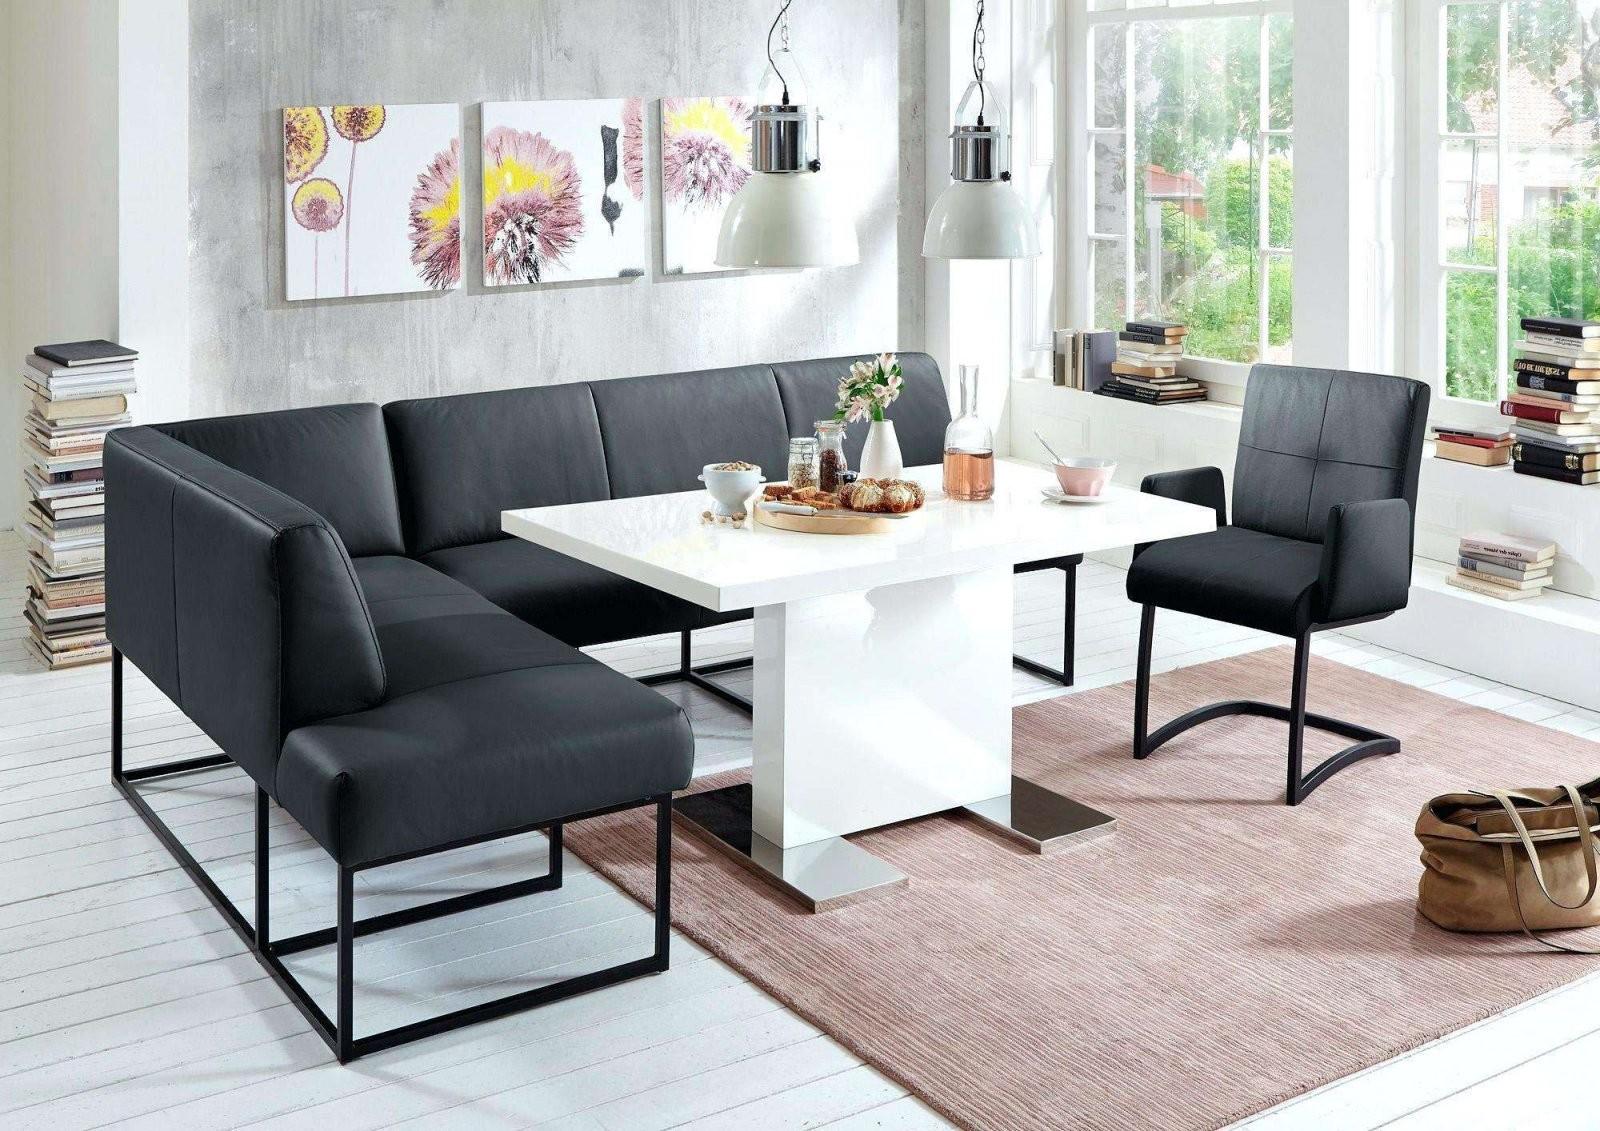 Eckbank Mit Tisch Für Balkon Design Von Kleiner Tisch Für Balkon von Balkon Eckbank Mit Tisch Bild